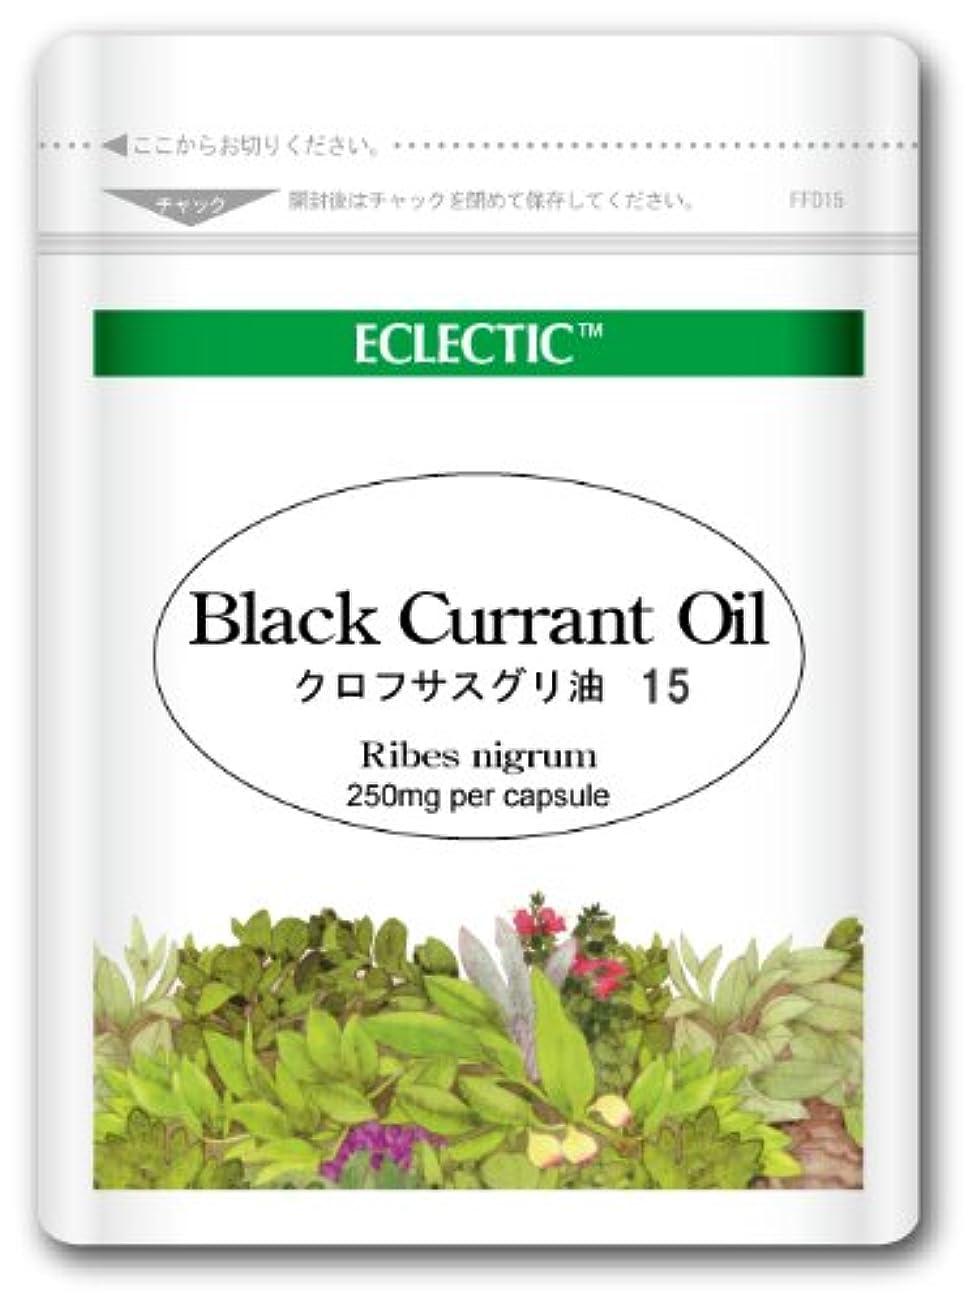 差別化する宙返り共産主義【クロフサスグリ油 (Black Currant Oil) オイル 250mg 15カプセル Ecoパック / エクレクティック】